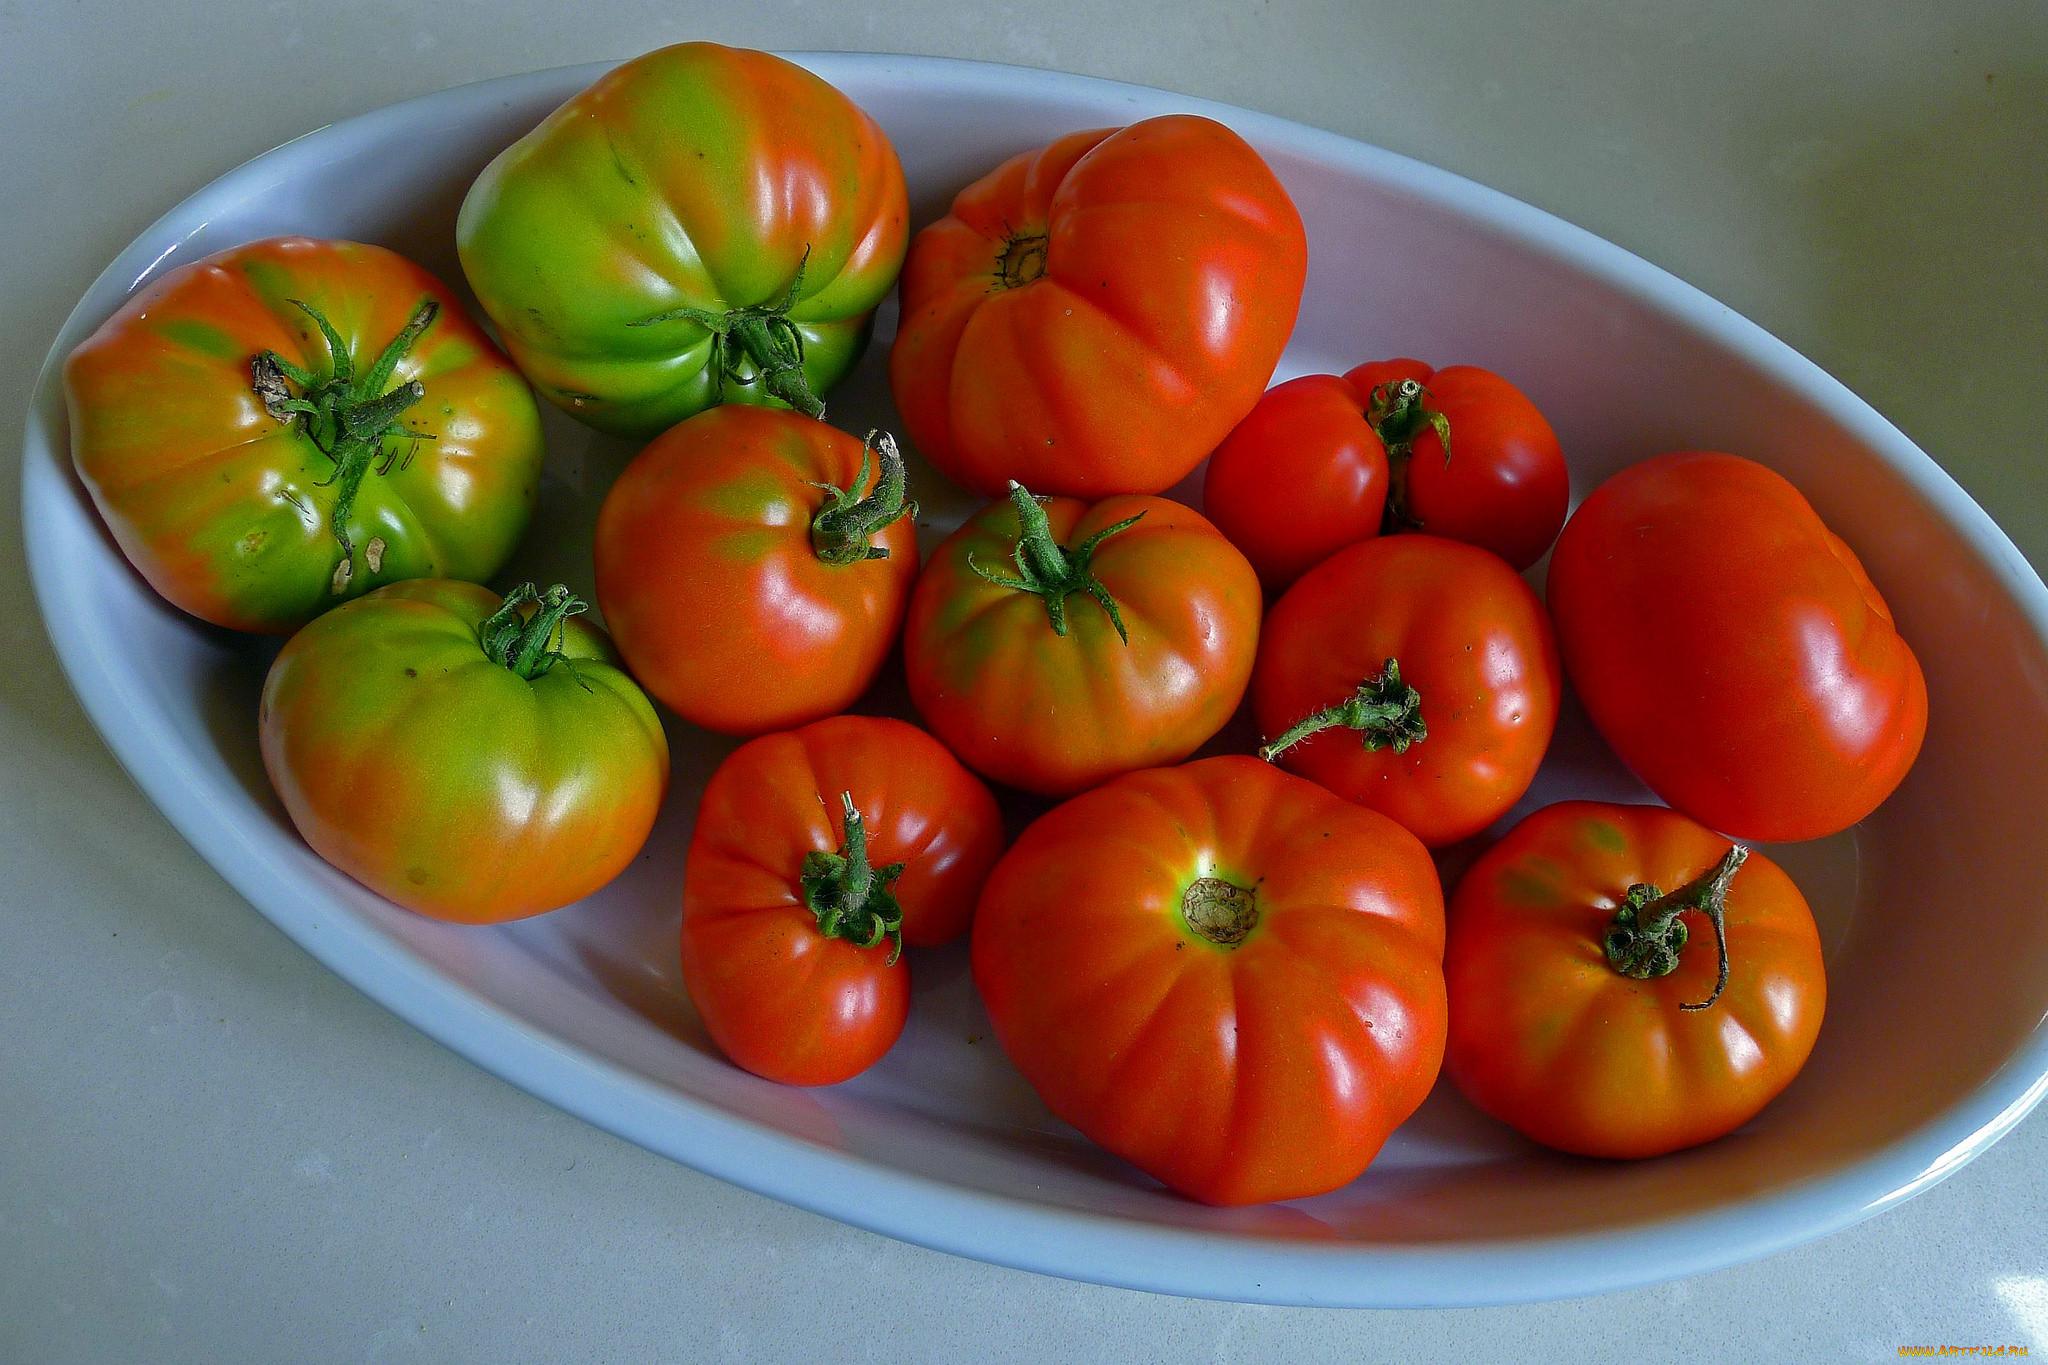 картинки помидоров растение для рабочего стола кругу